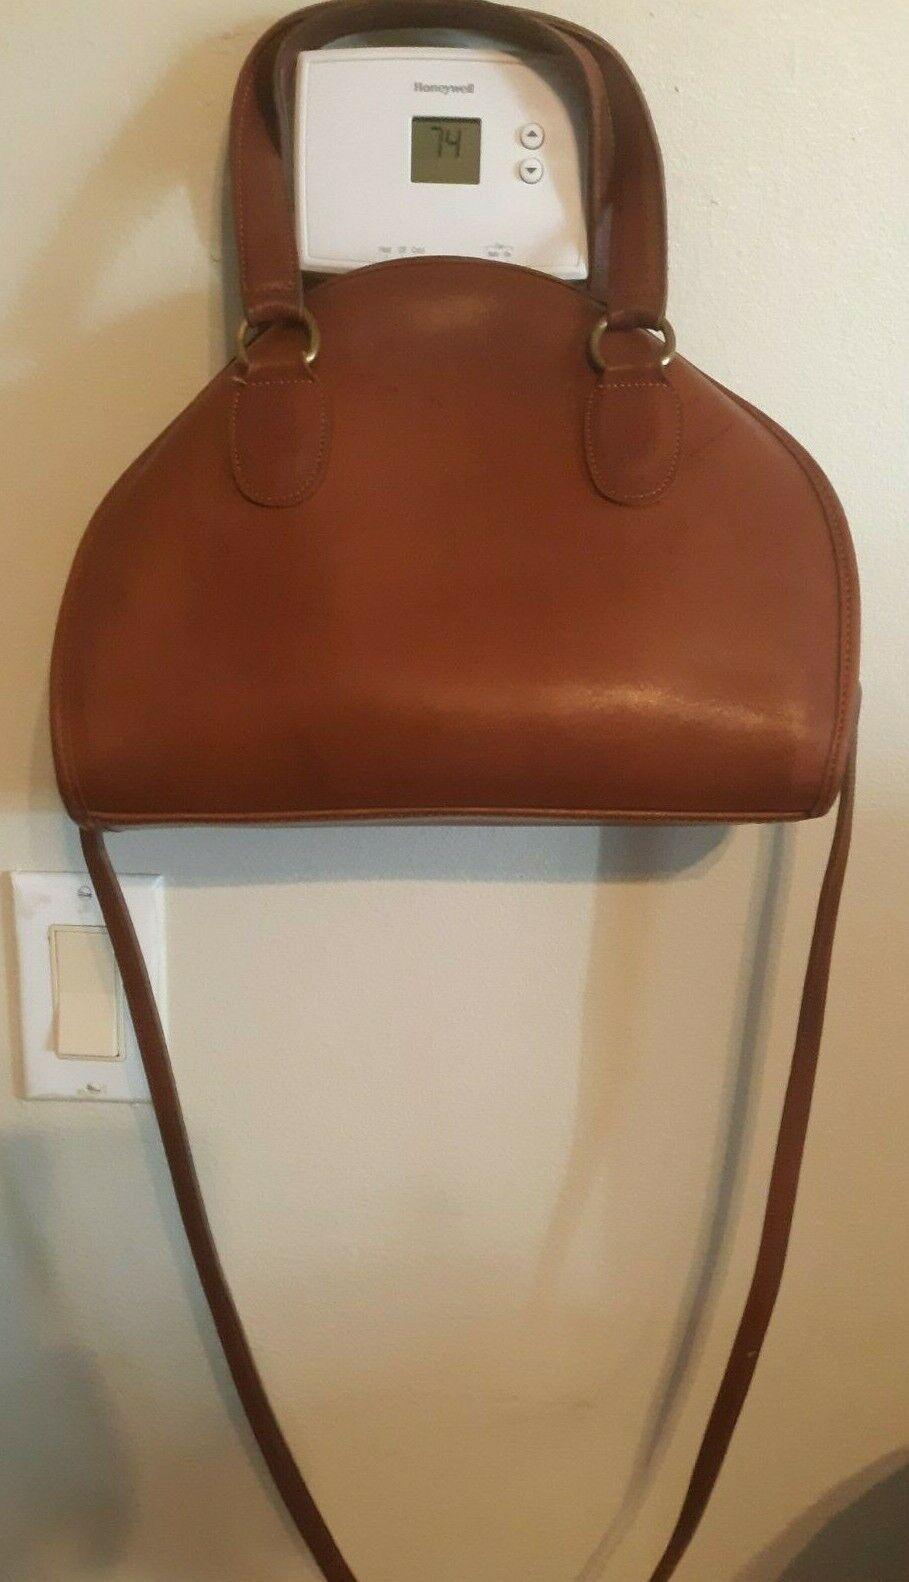 Vintage Coach Bonnie Cashin Brown Leather Satchel - image 1